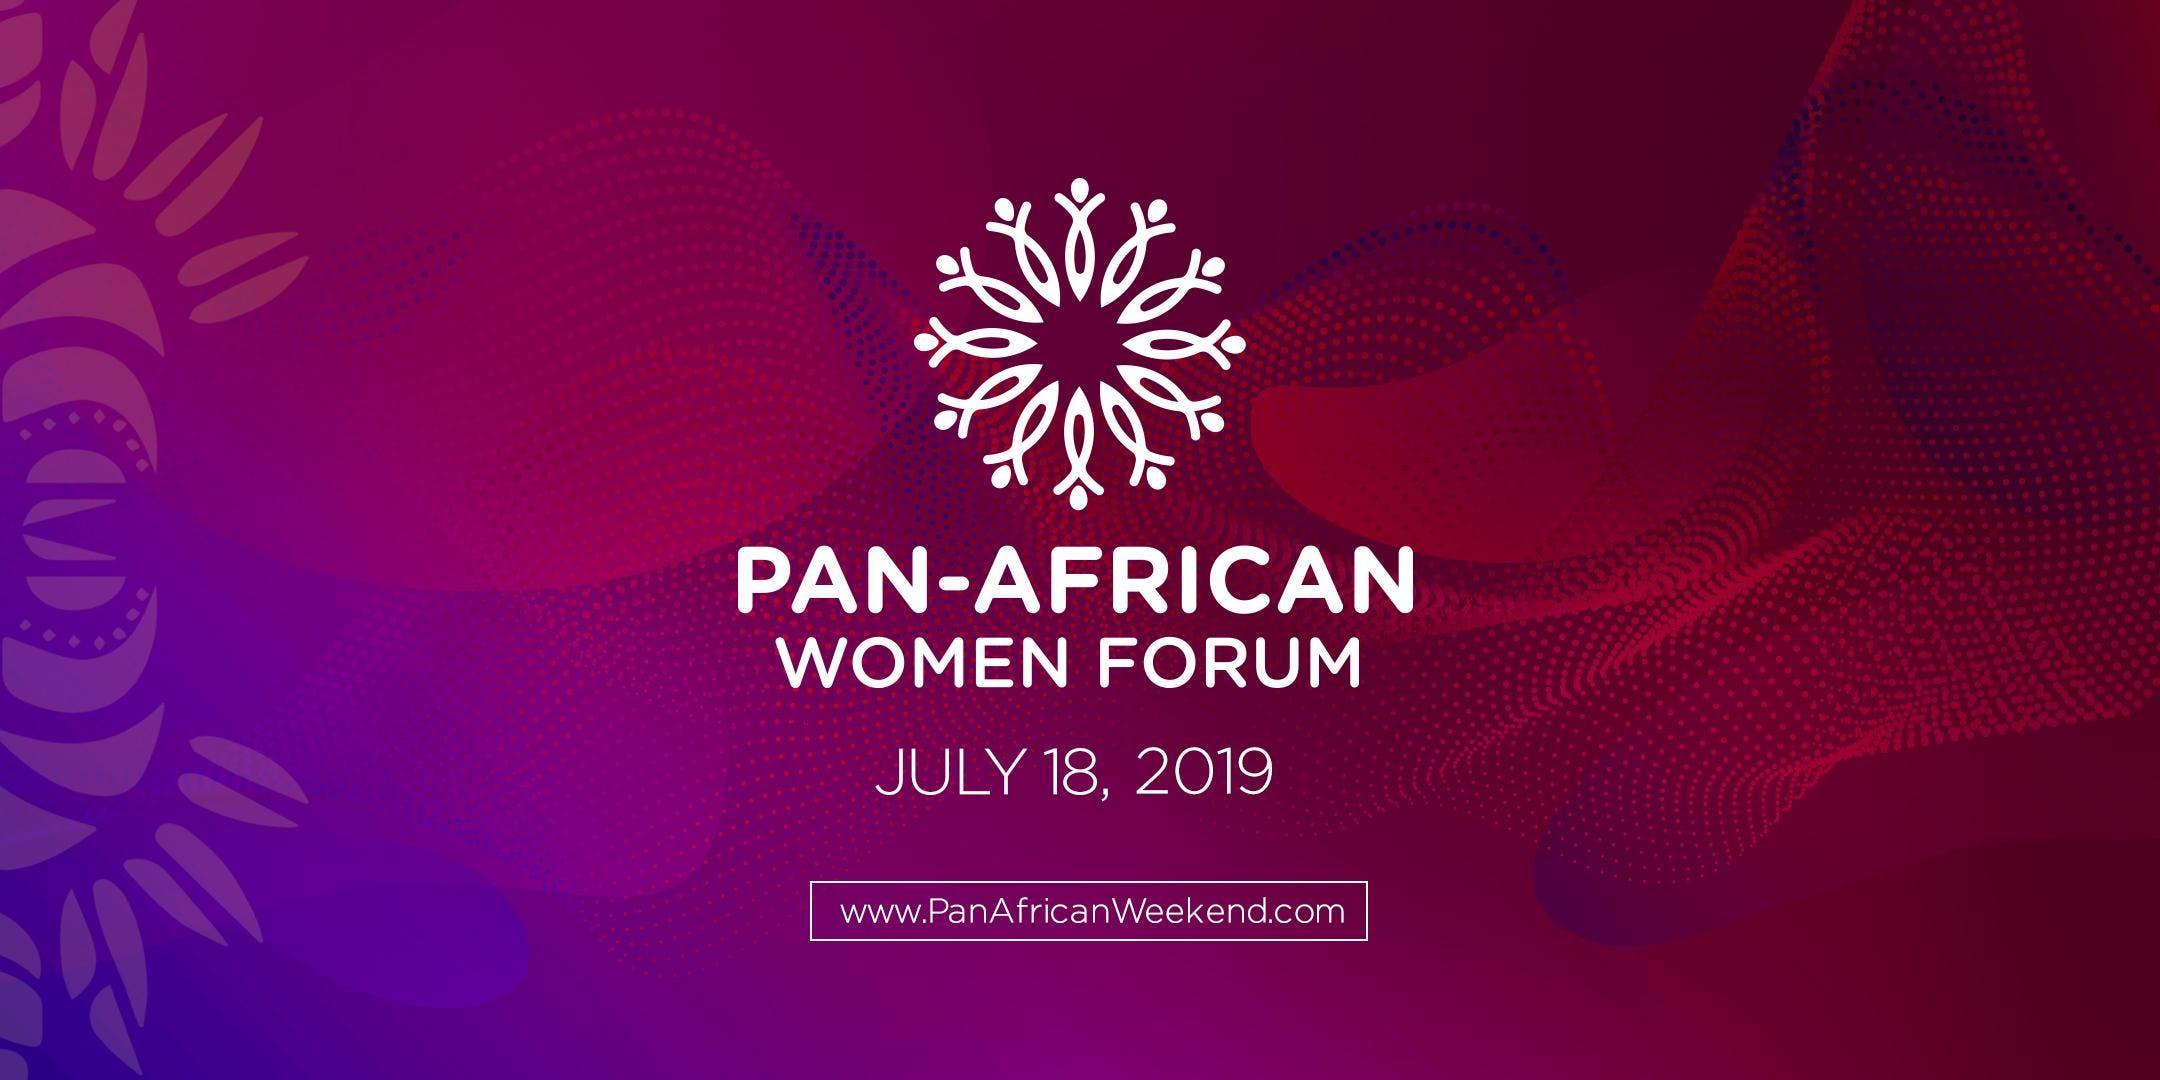 DAY 1: Pan-African Women Forum #PAW19